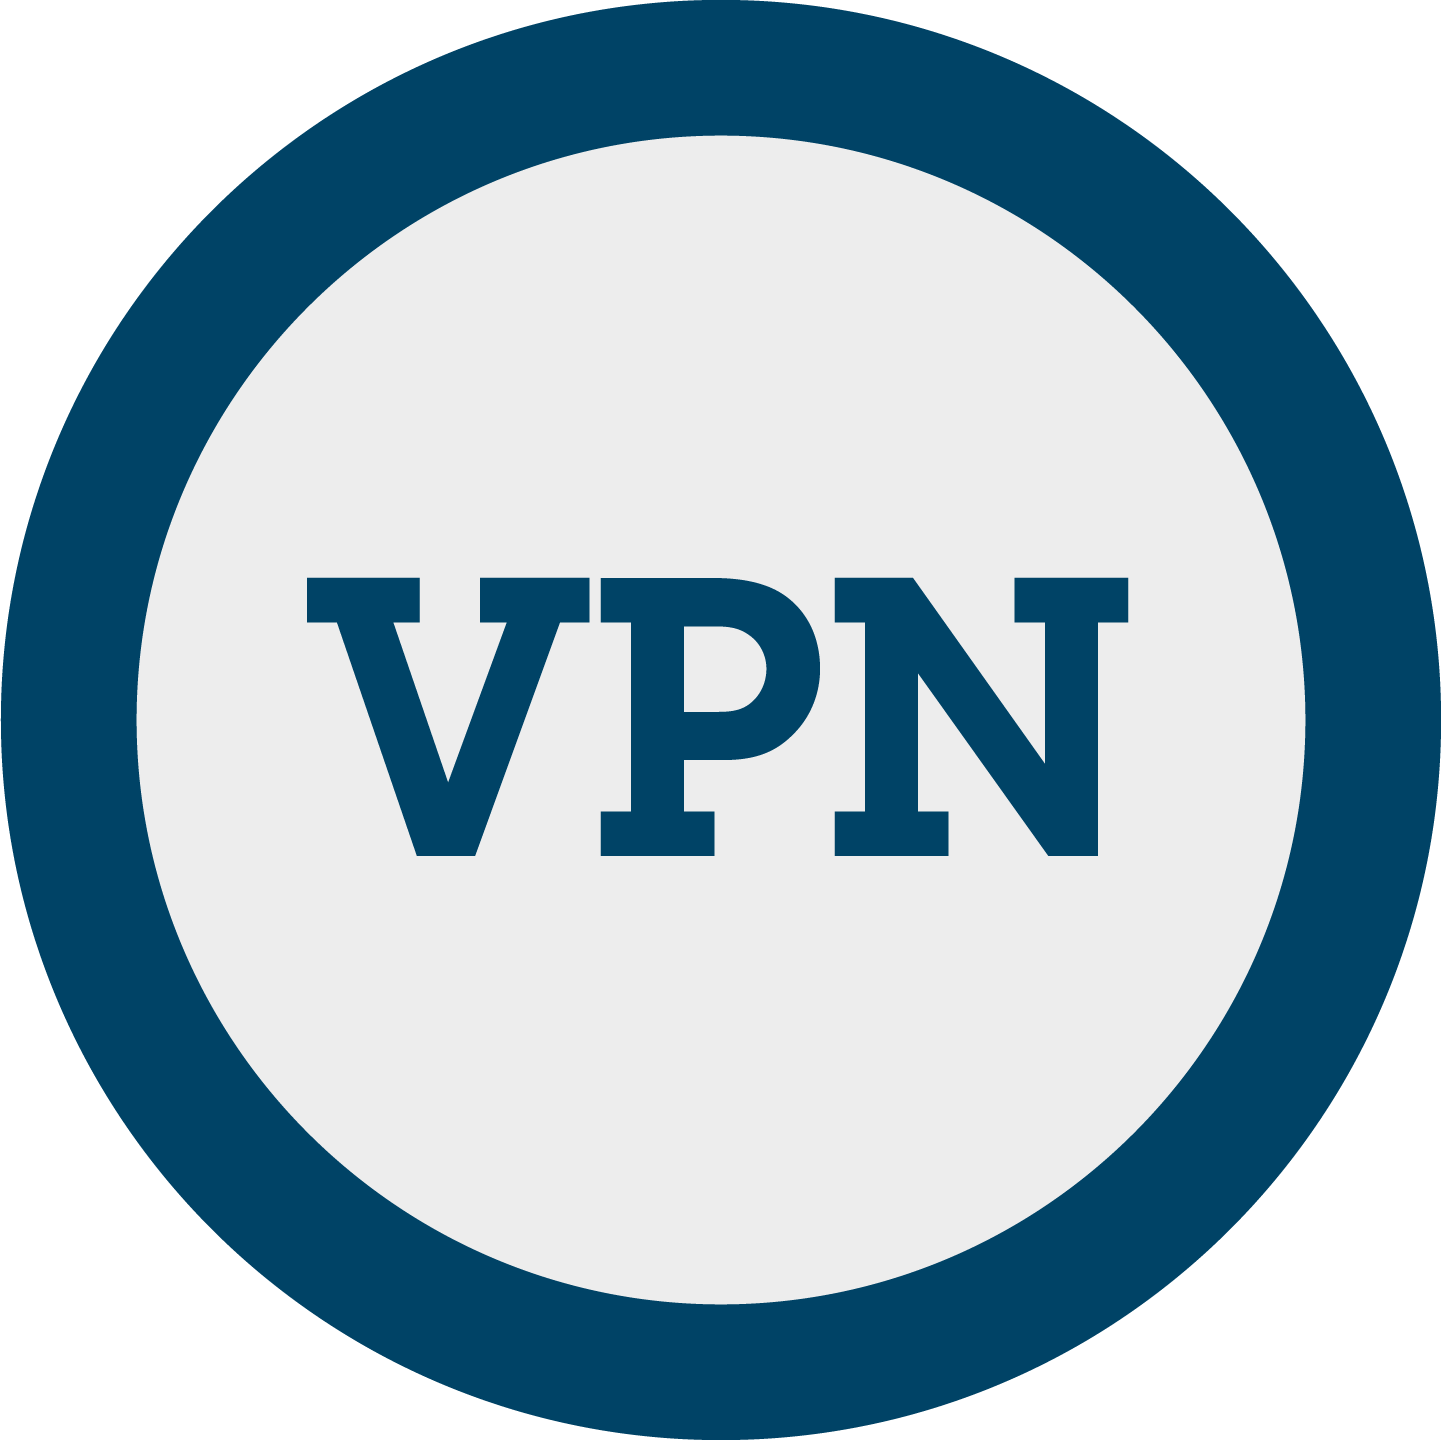 আপনার Android ফোনের জন্য ডাউনলোড করে নিন সবচেয়ে Fast এবং কার্যকারি দারুন এক VPN App । তাও আবার Premium Version . Try it